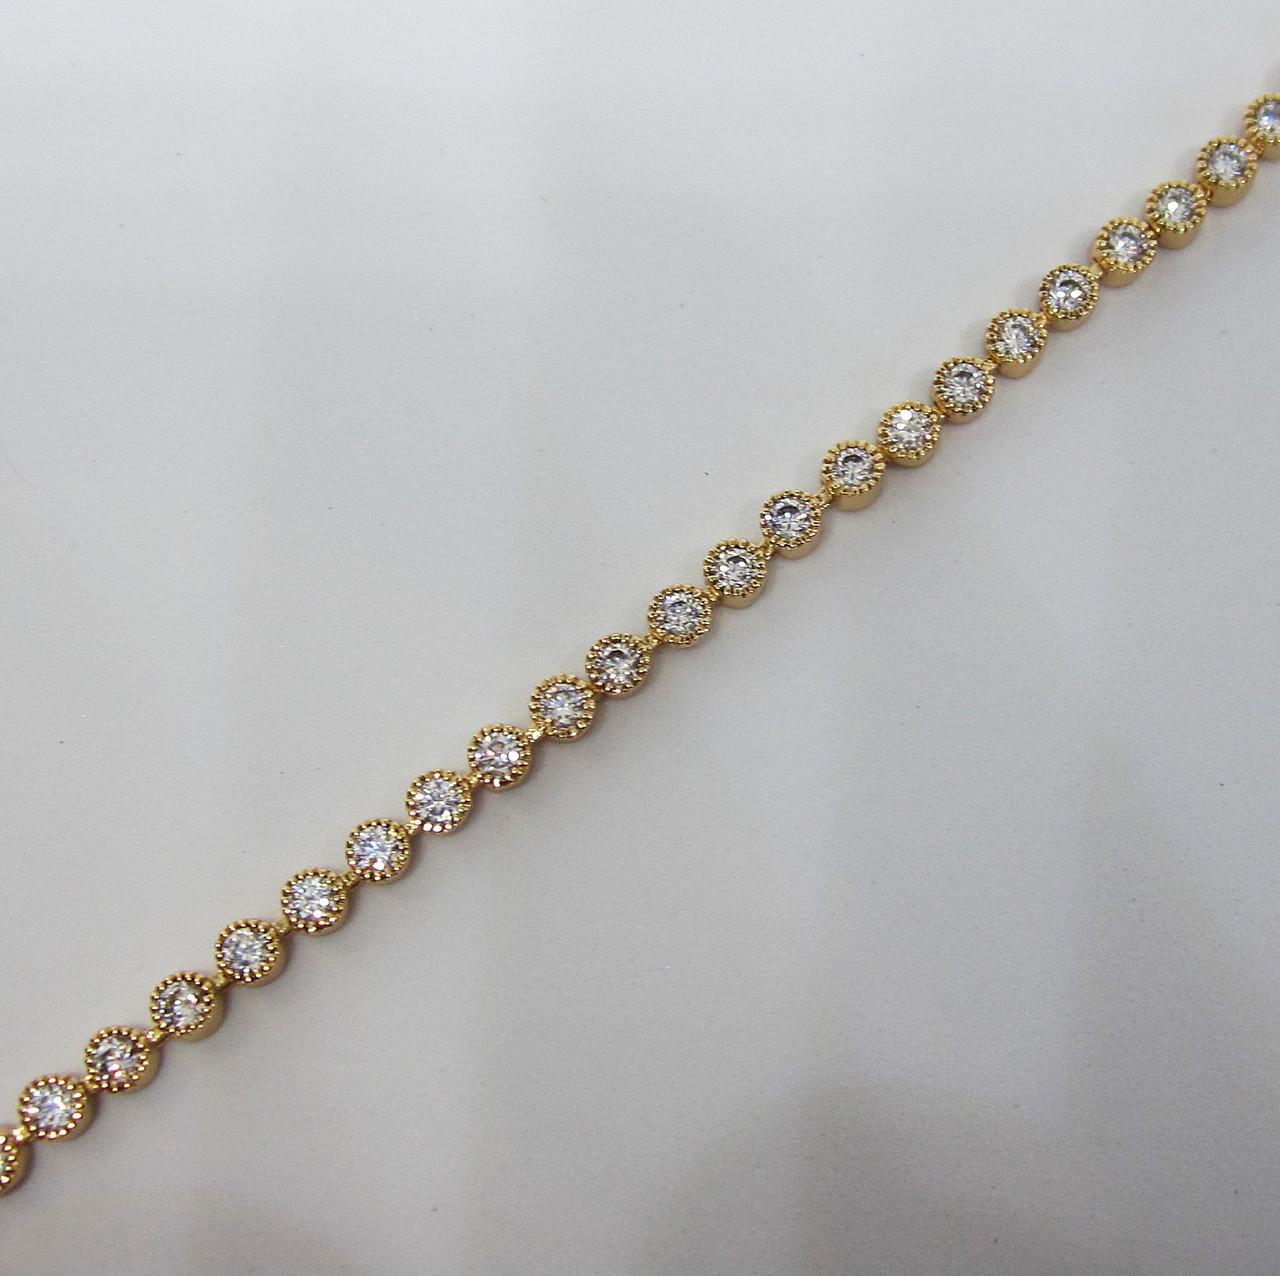 Браслет с камнями XP длина 18 см ширина 0.3 см